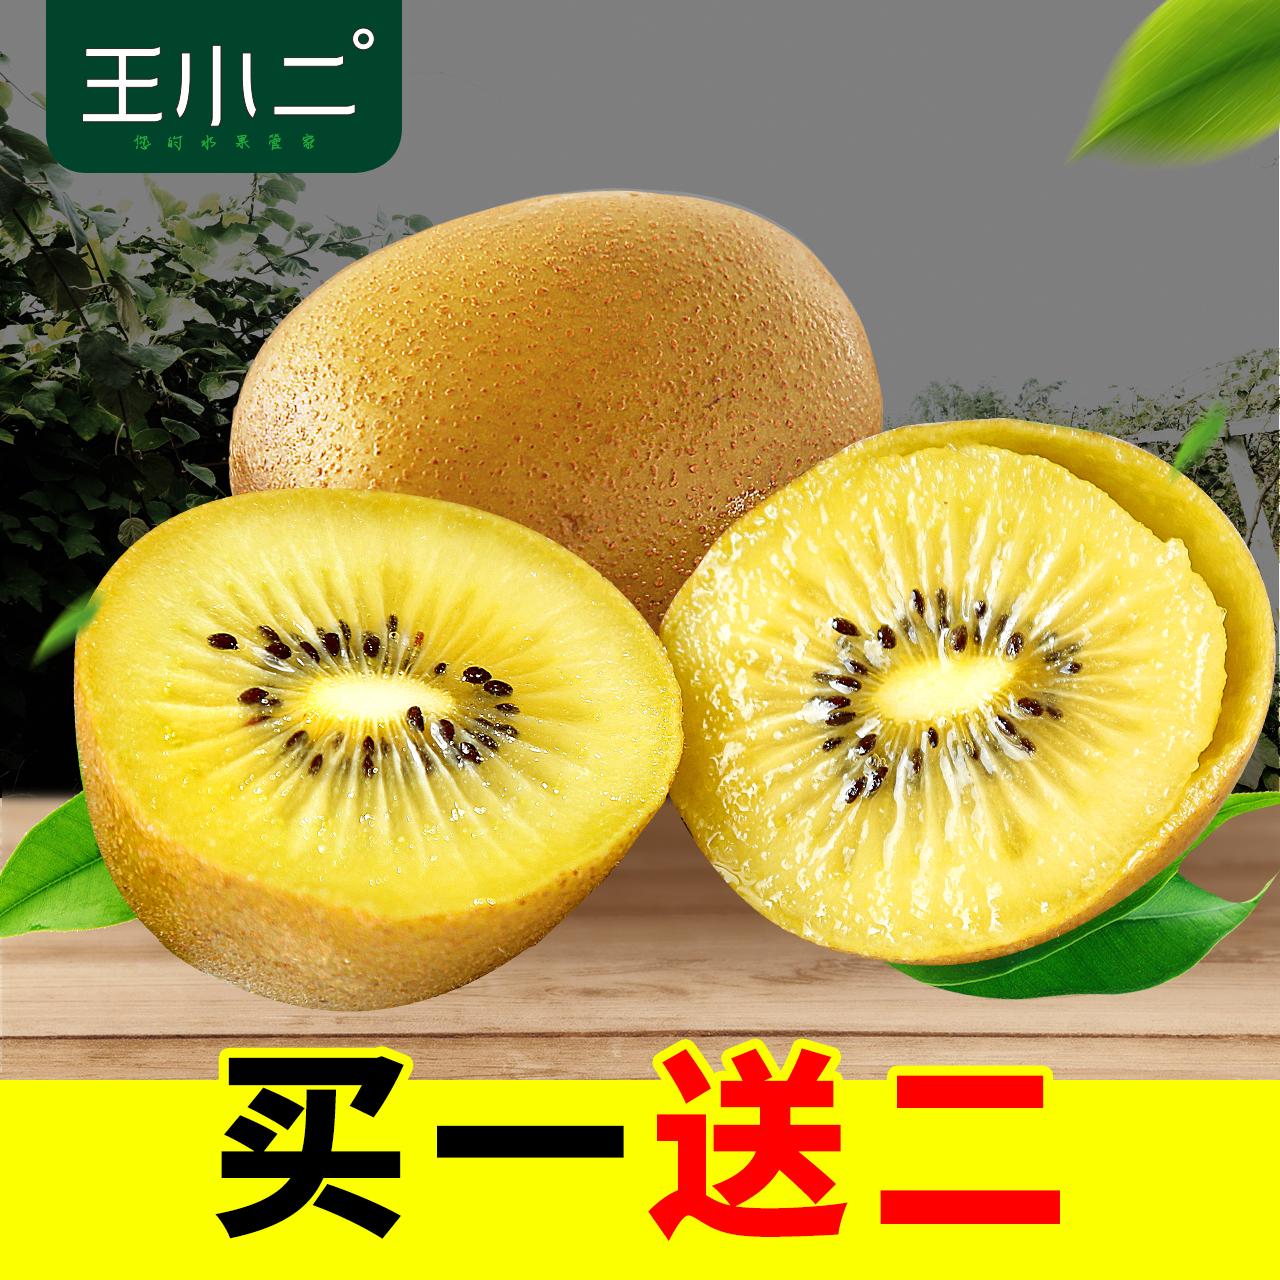 王小二 黄心猕猴桃 水果新鲜包邮当季特产奇异果 现摘现发弥猴桃